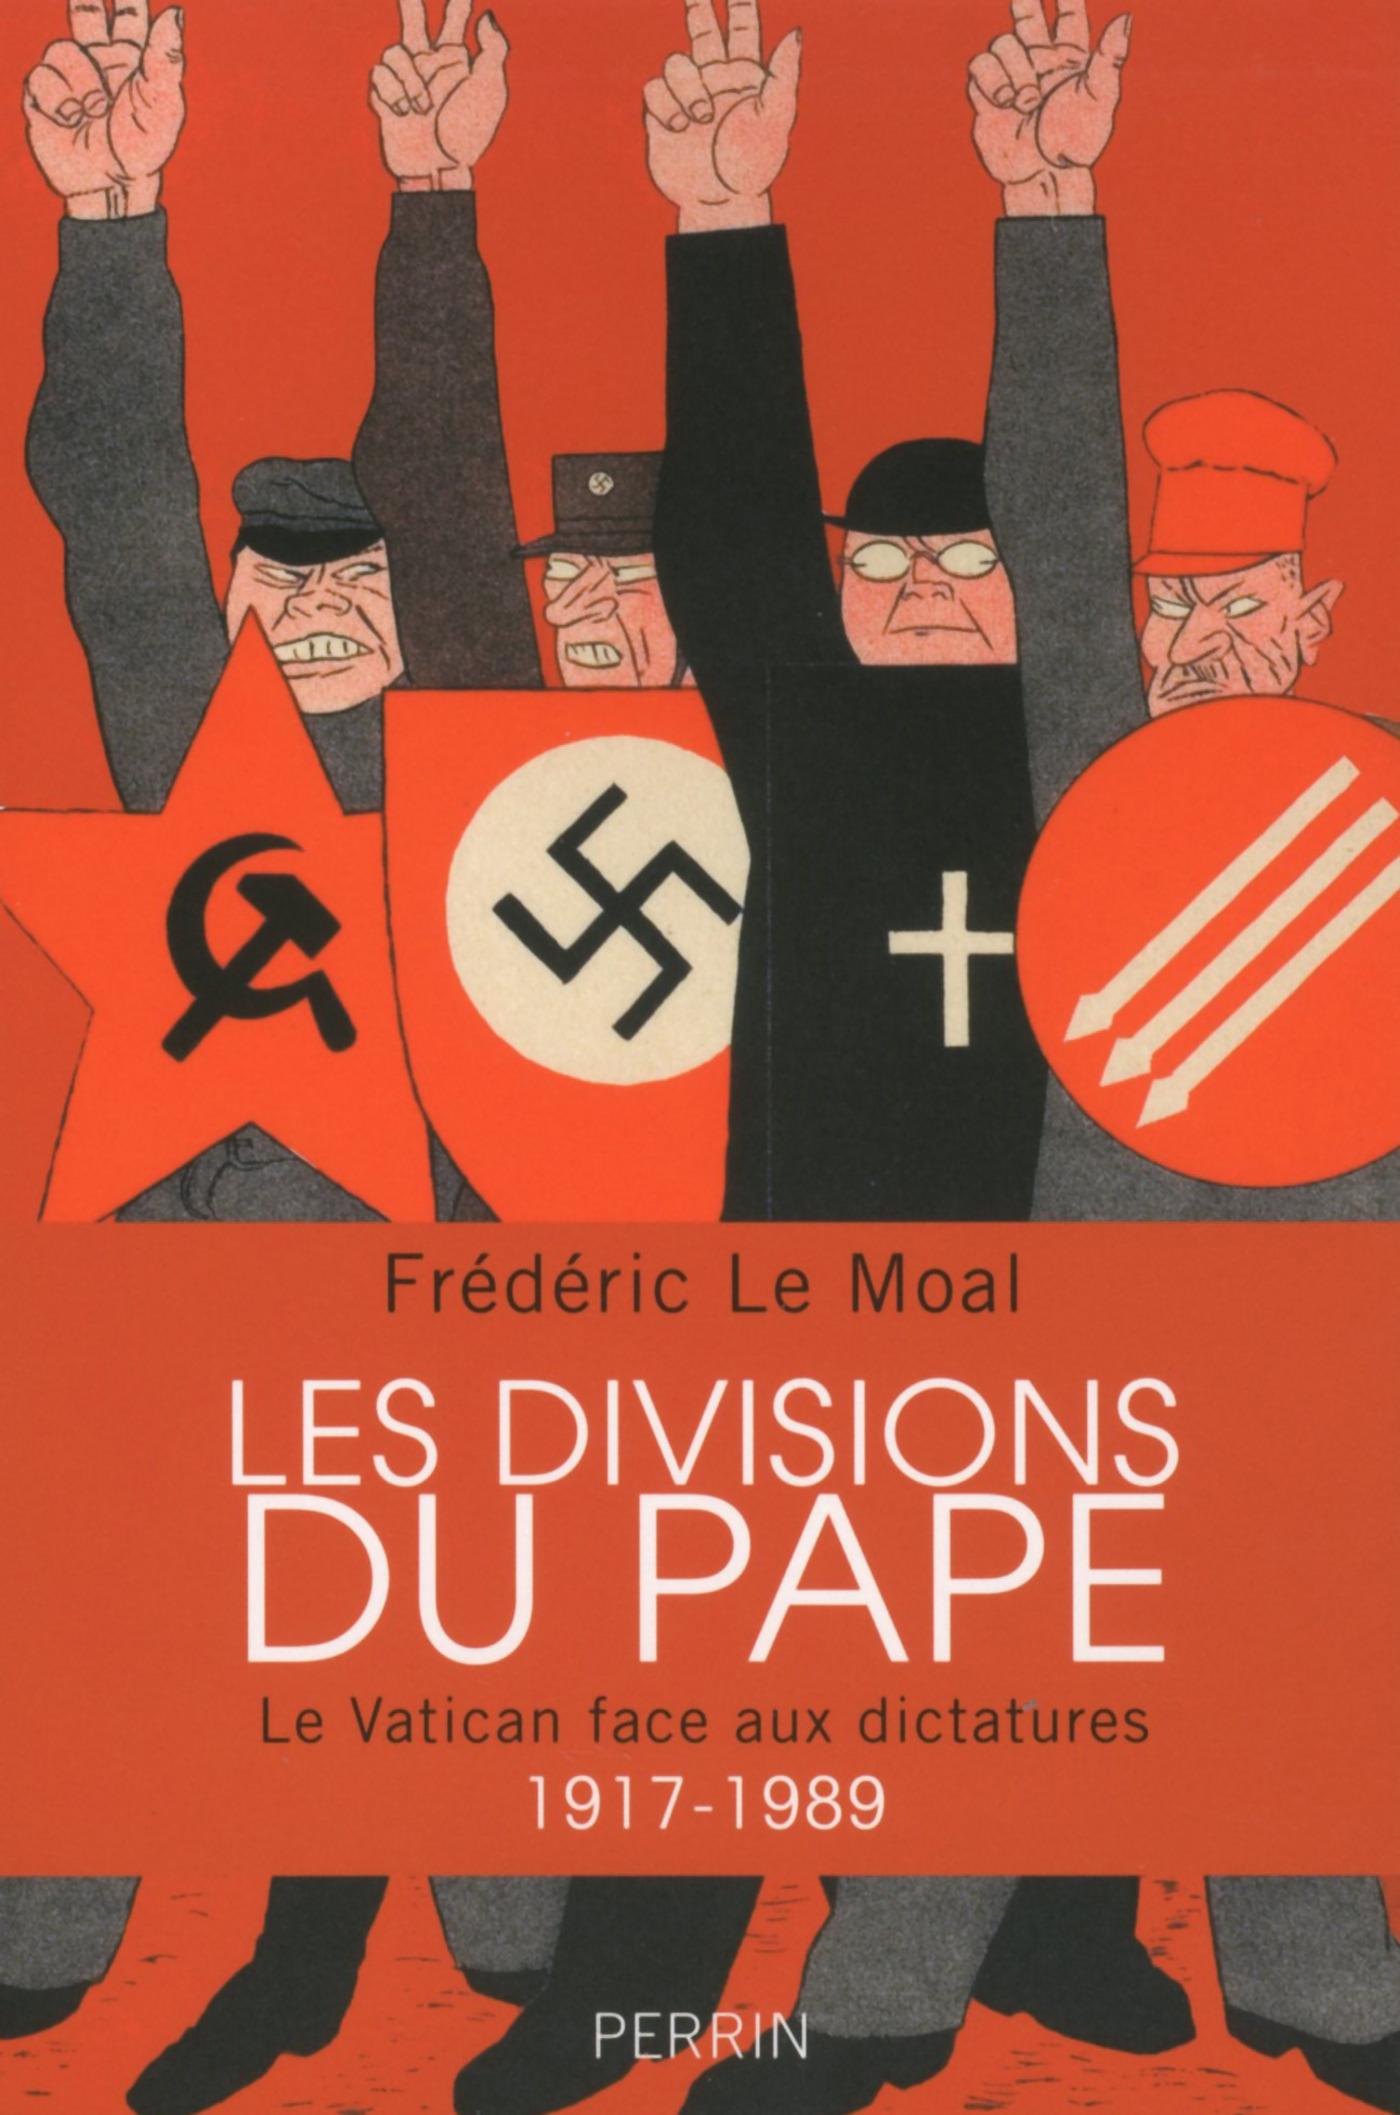 Les divisions du pape (ebook)